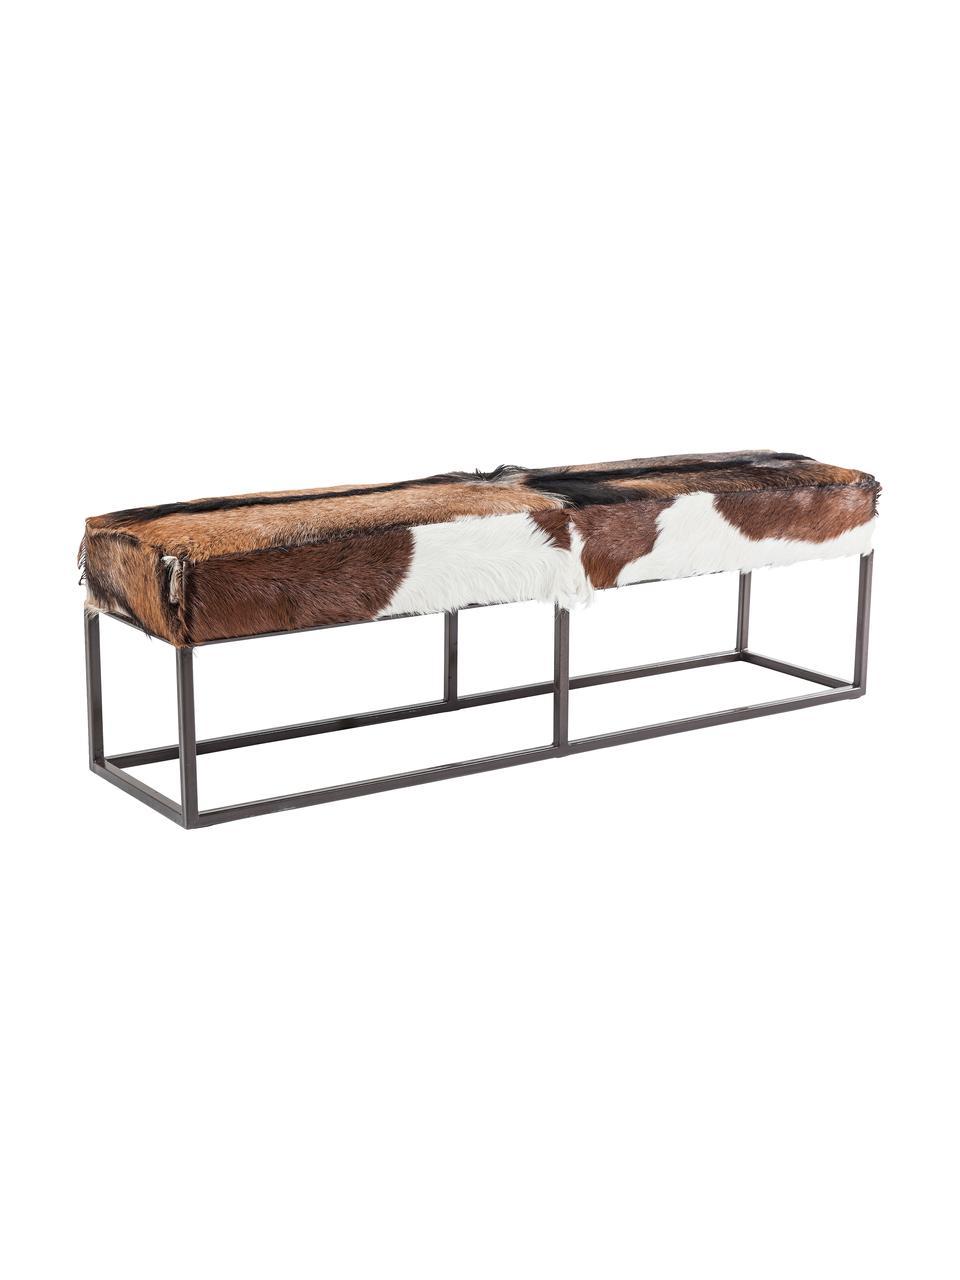 Panca in pelle di capra Country Life, Seduta: pelle di capra, Struttura: acciaio, verniciato, Seduta: pelle di capra Struttura: acciaio verniciato, Larg. 140 x Alt. 47 cm